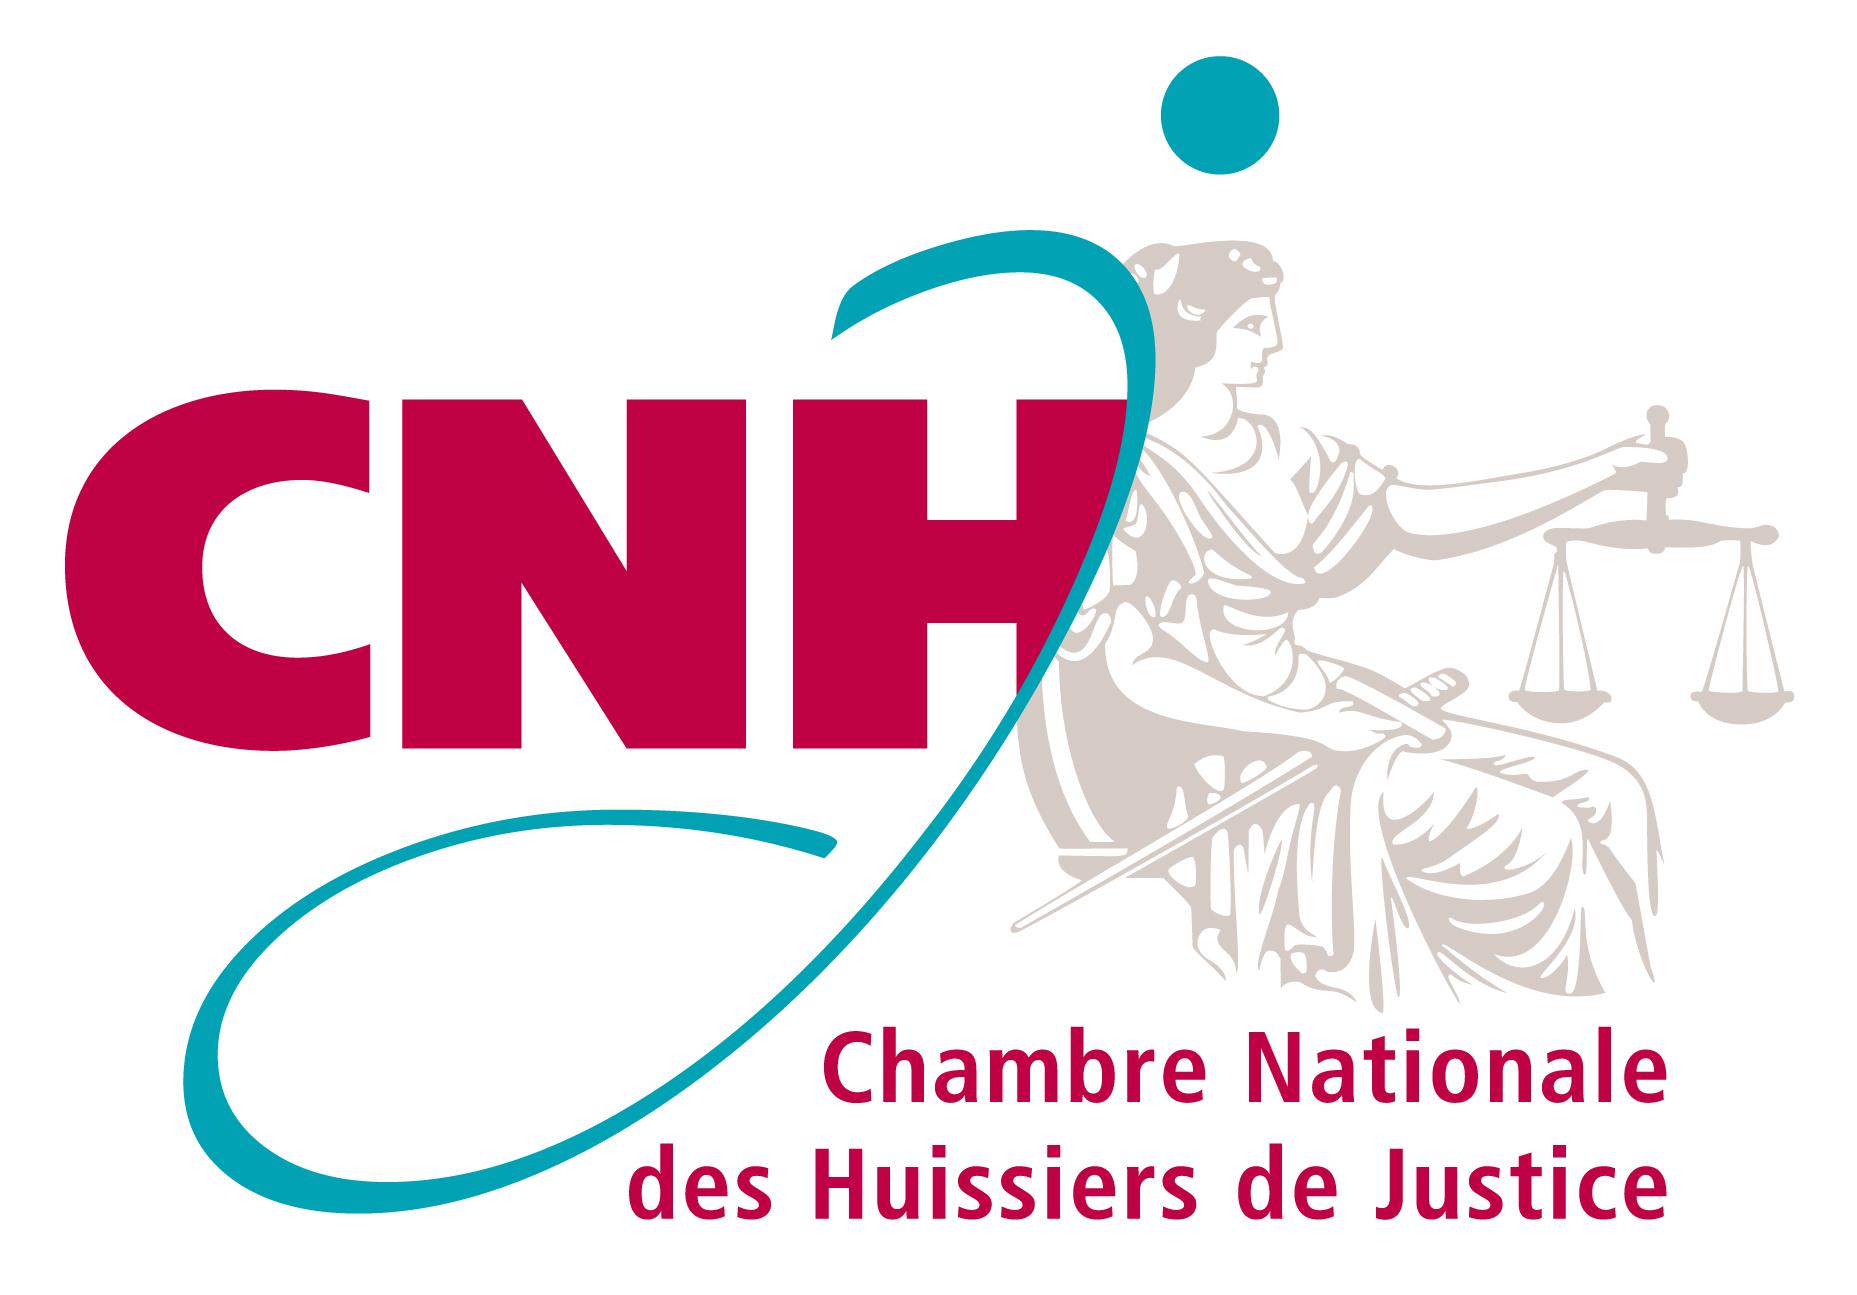 FichierIdentité Visuelle CNHJjpg Wikipédia - Chambre departementale des huissiers